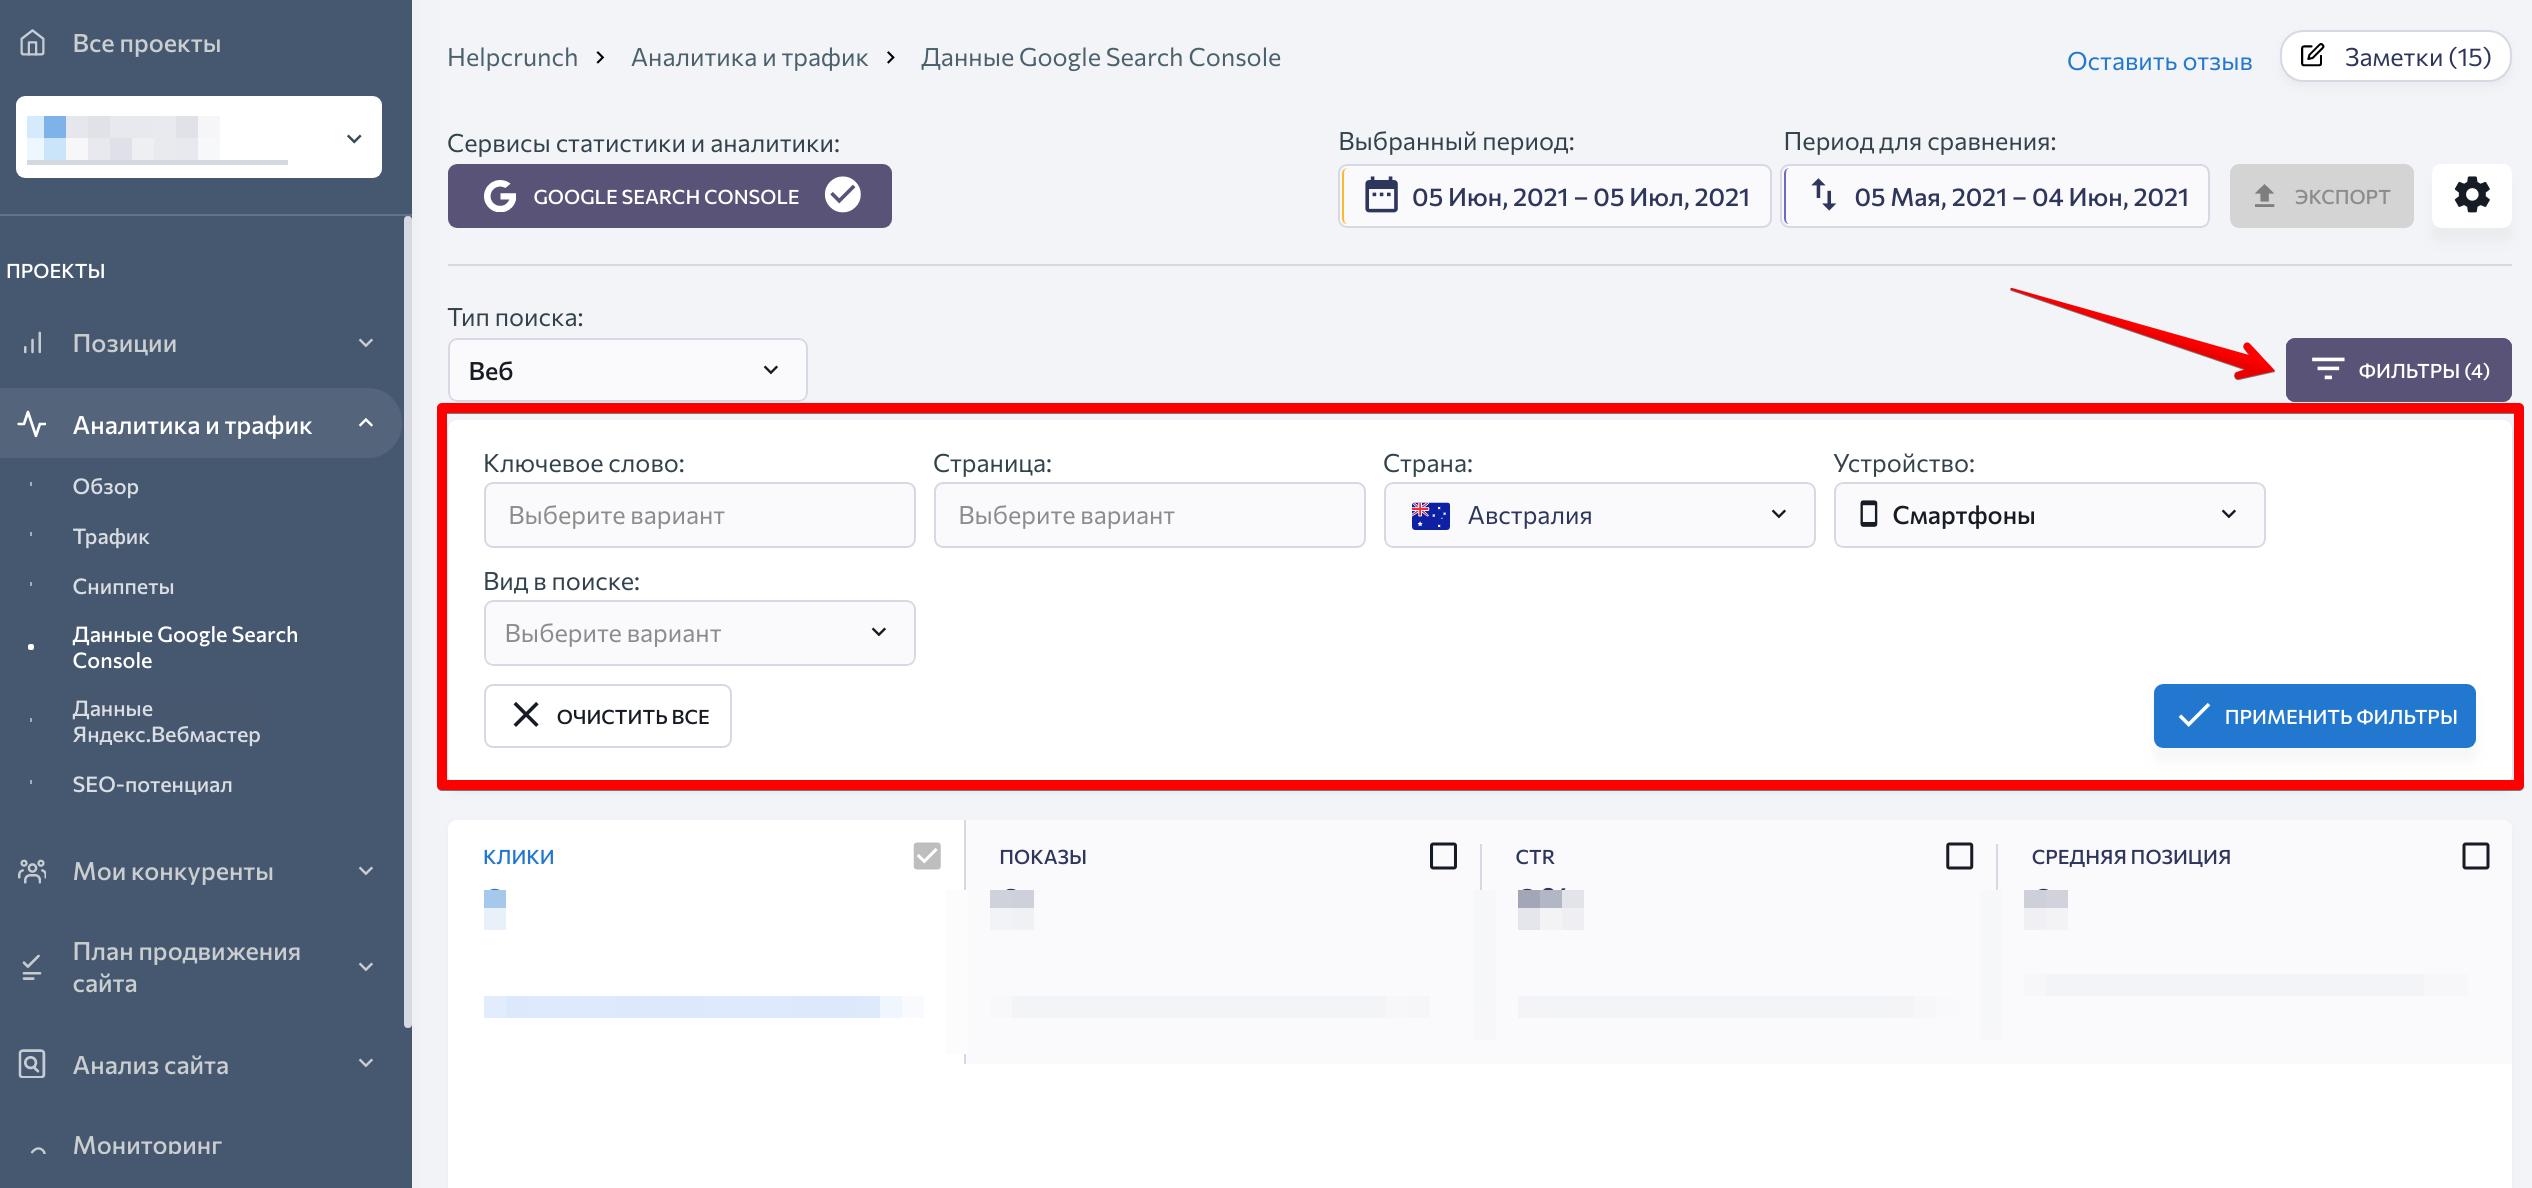 отображение фильтров для Google Search Console и Яндекс. Вебмастер